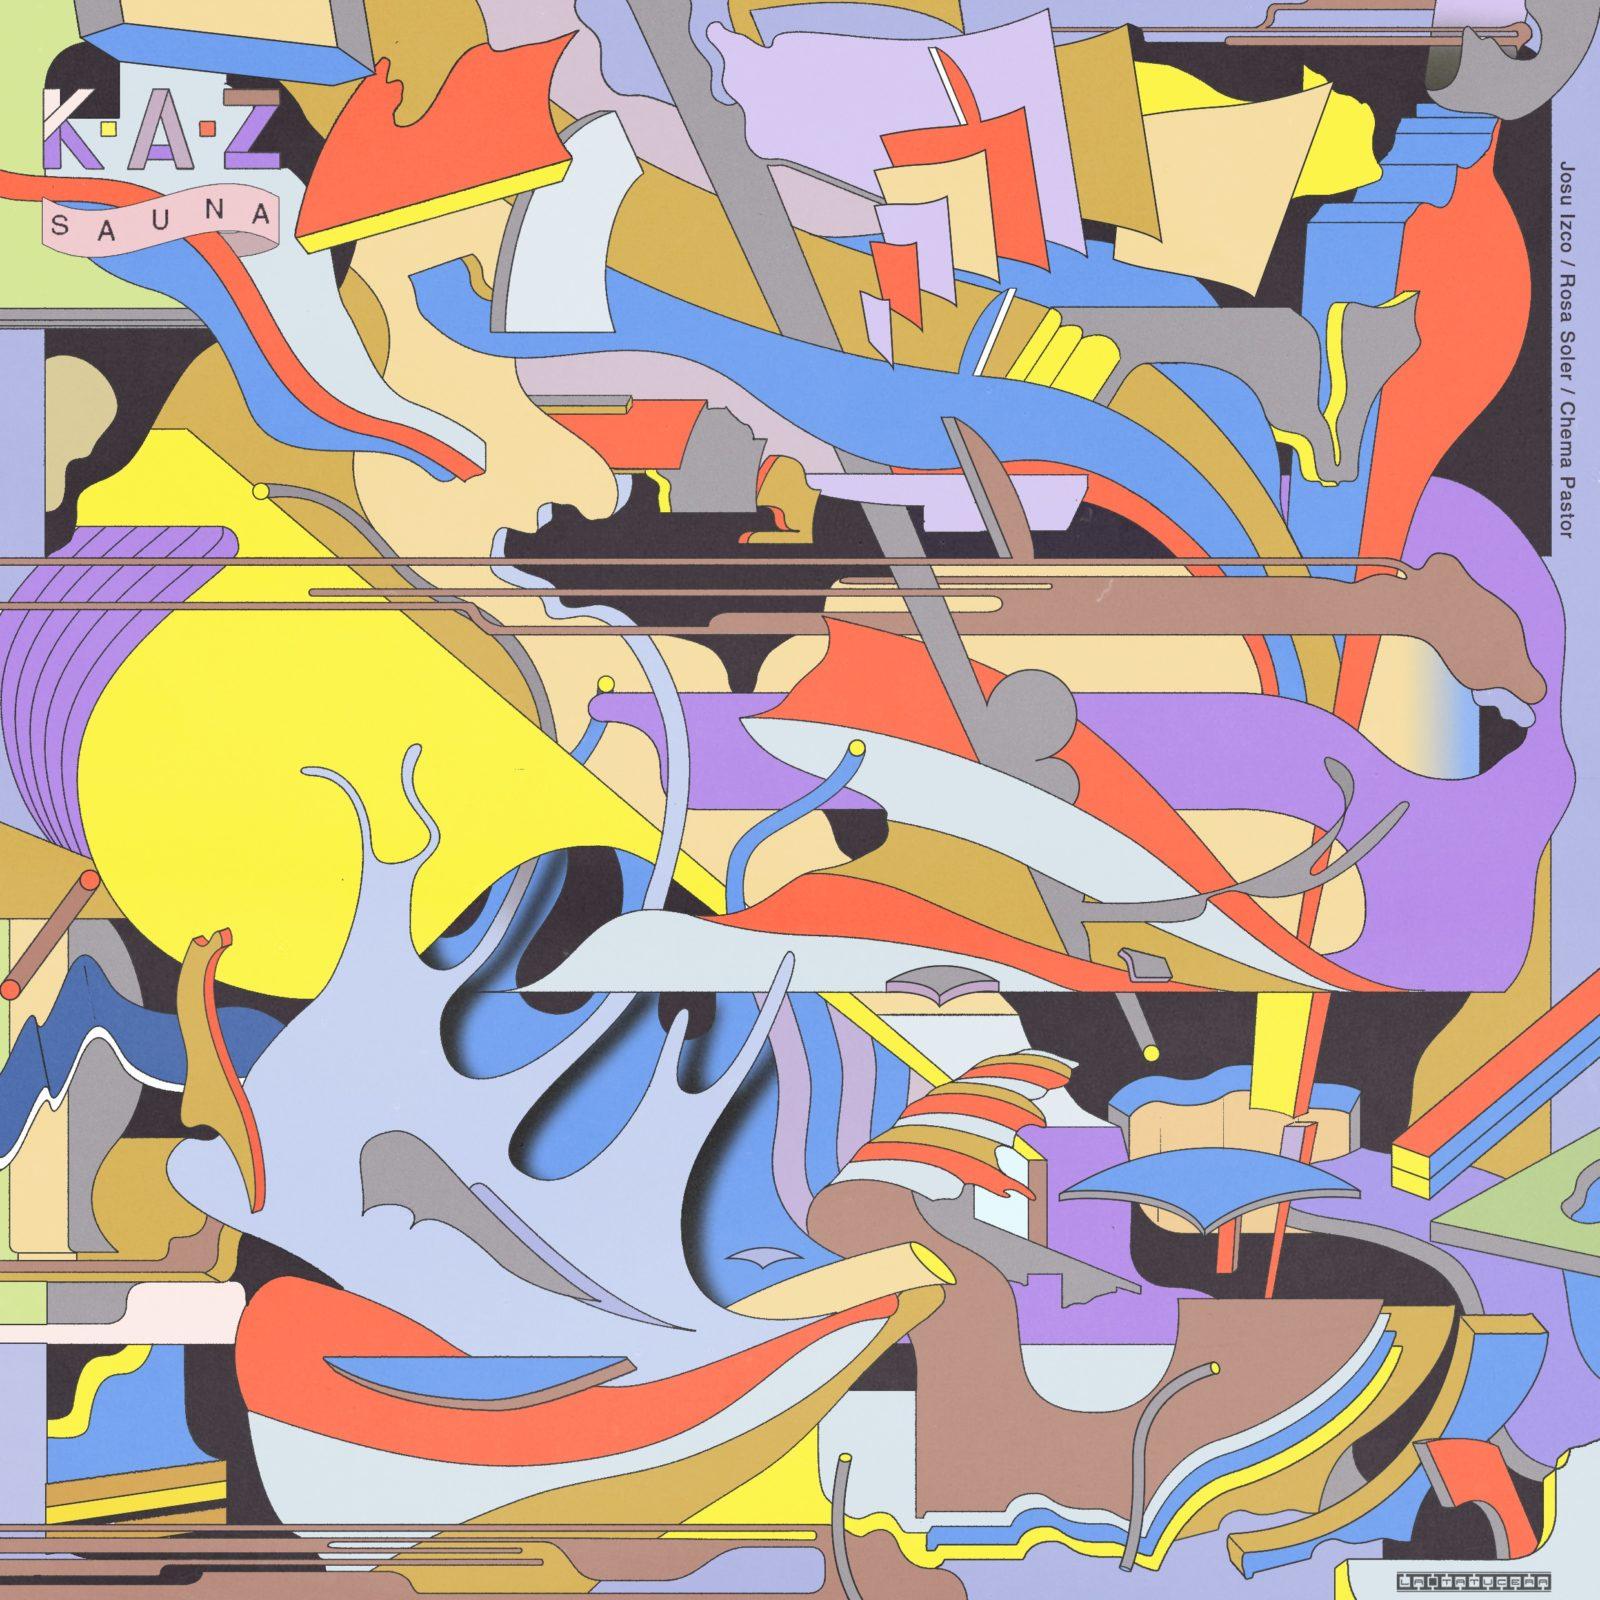 Derrière le vinyle : Sauna de K.A.Z par Oscar Raña